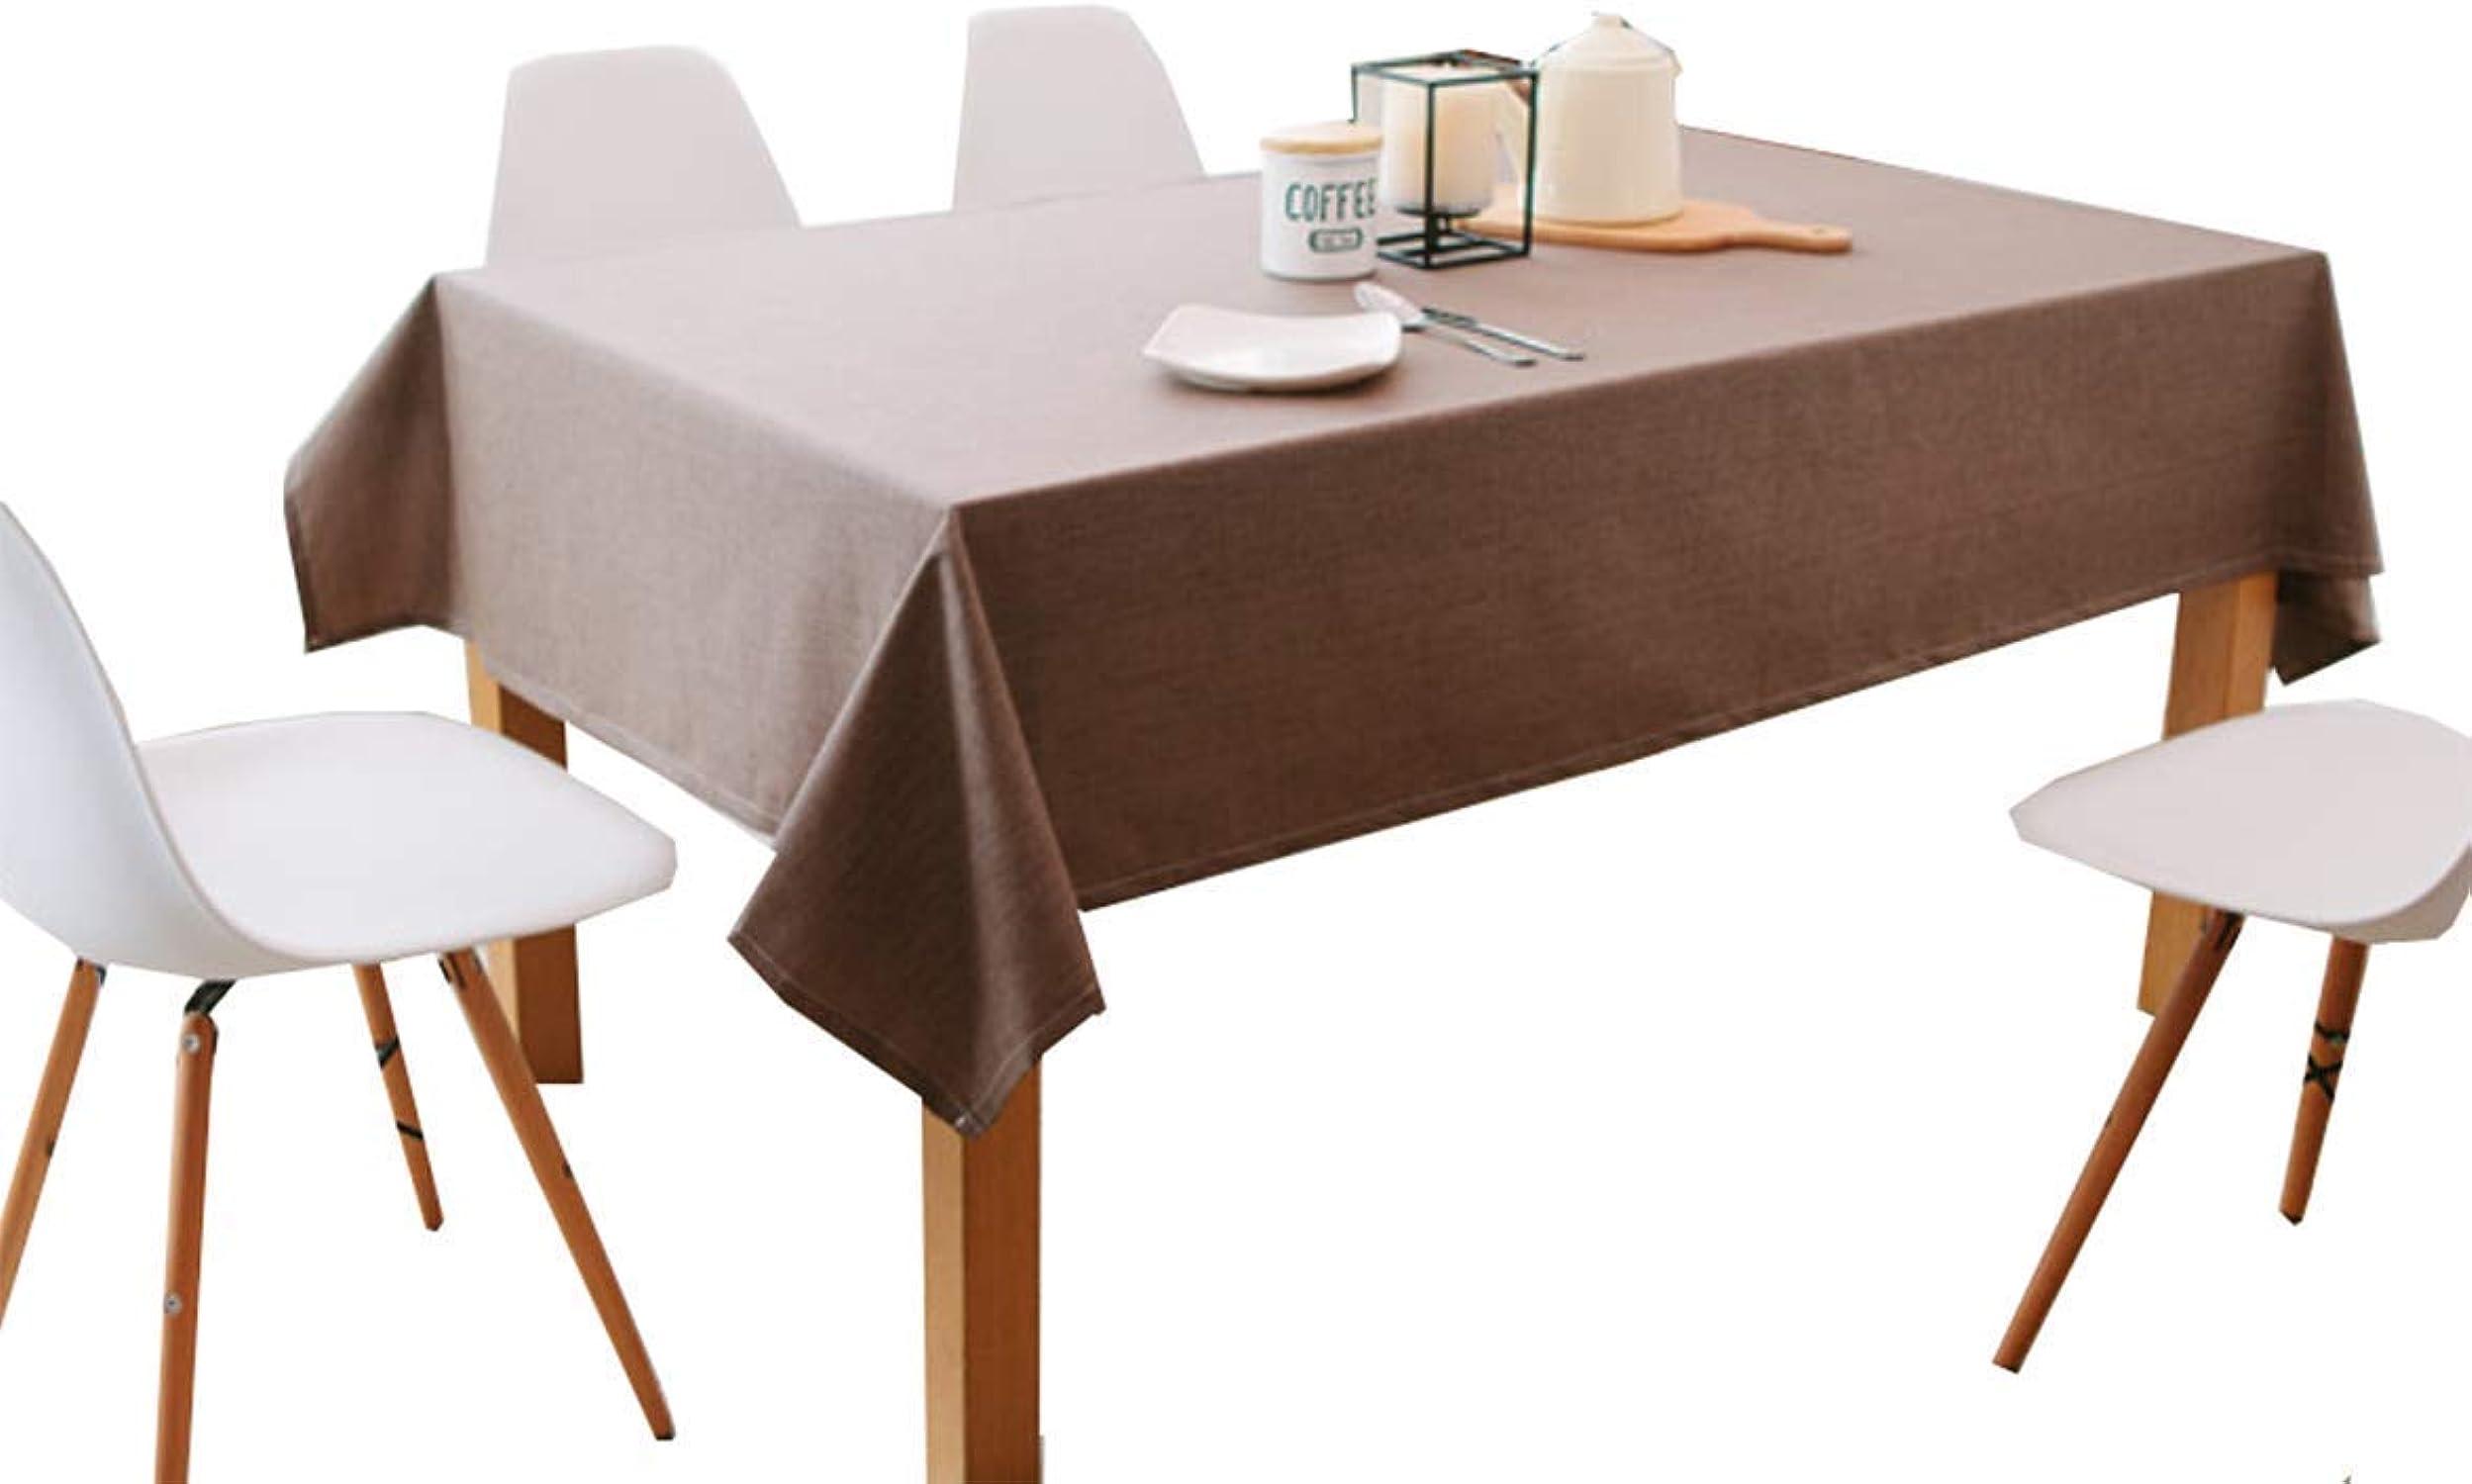 Wghz Nappe de Table en Lin Coton Couleur Unie Design Style Unique, Nappe pour Pique-Nique résistant à la Chaleur et à l'humidité, Bcourir_120x180cm